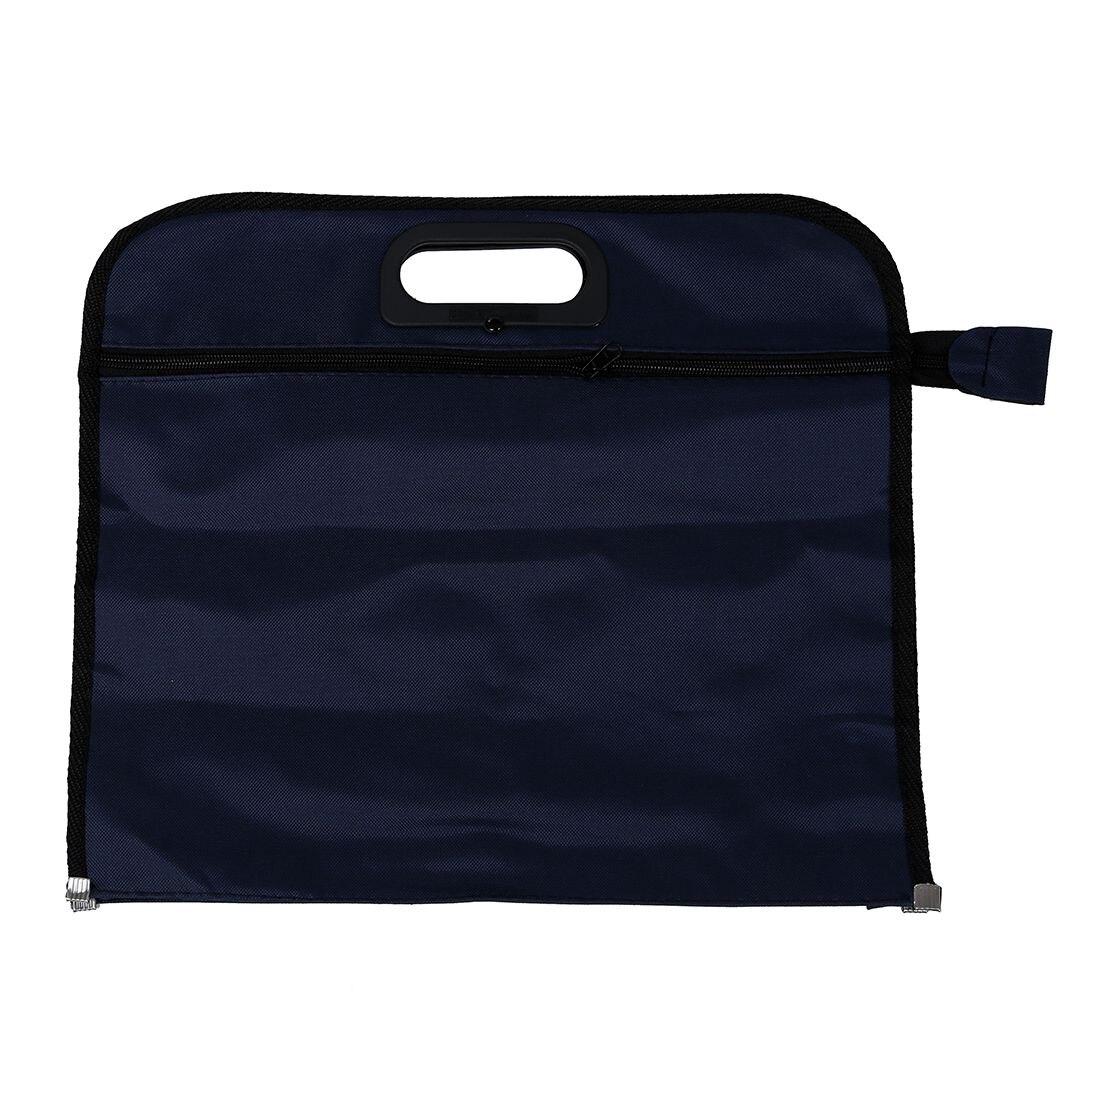 Nylon File Folder Document Bag/Organizer/Portfolio For Office Or